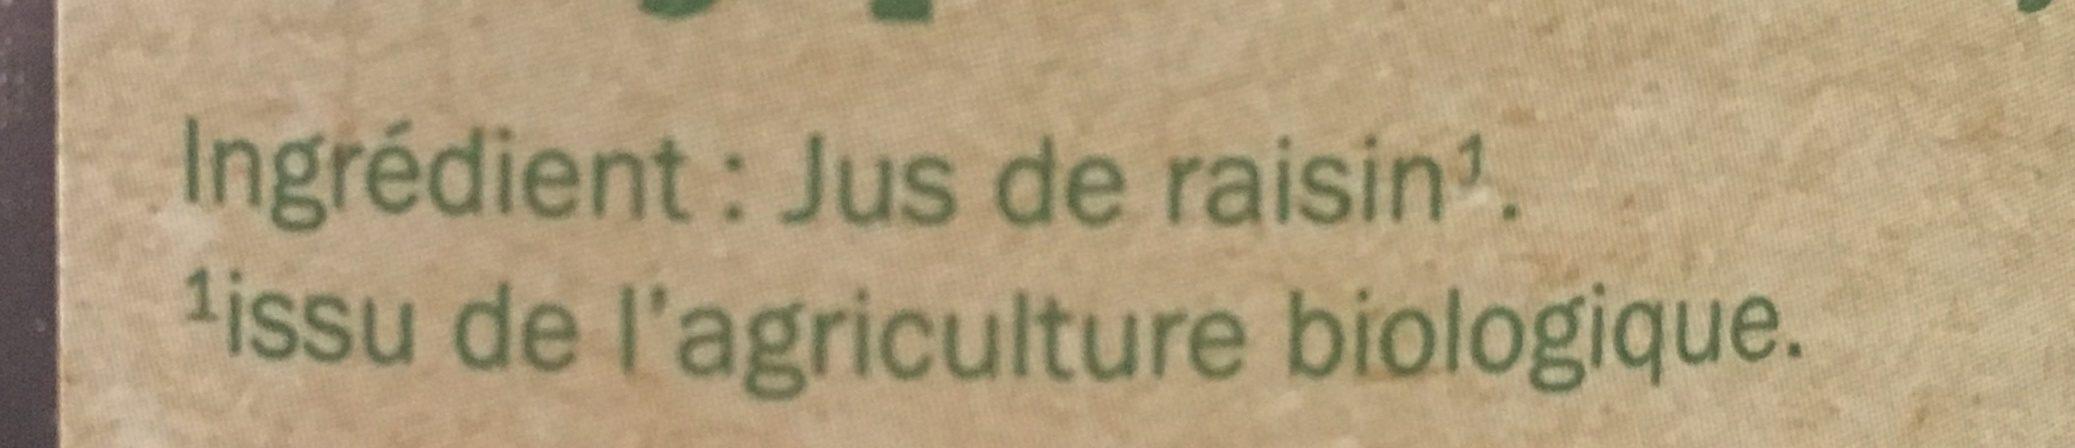 Pur jus de raisin bio - Ingrediënten - fr